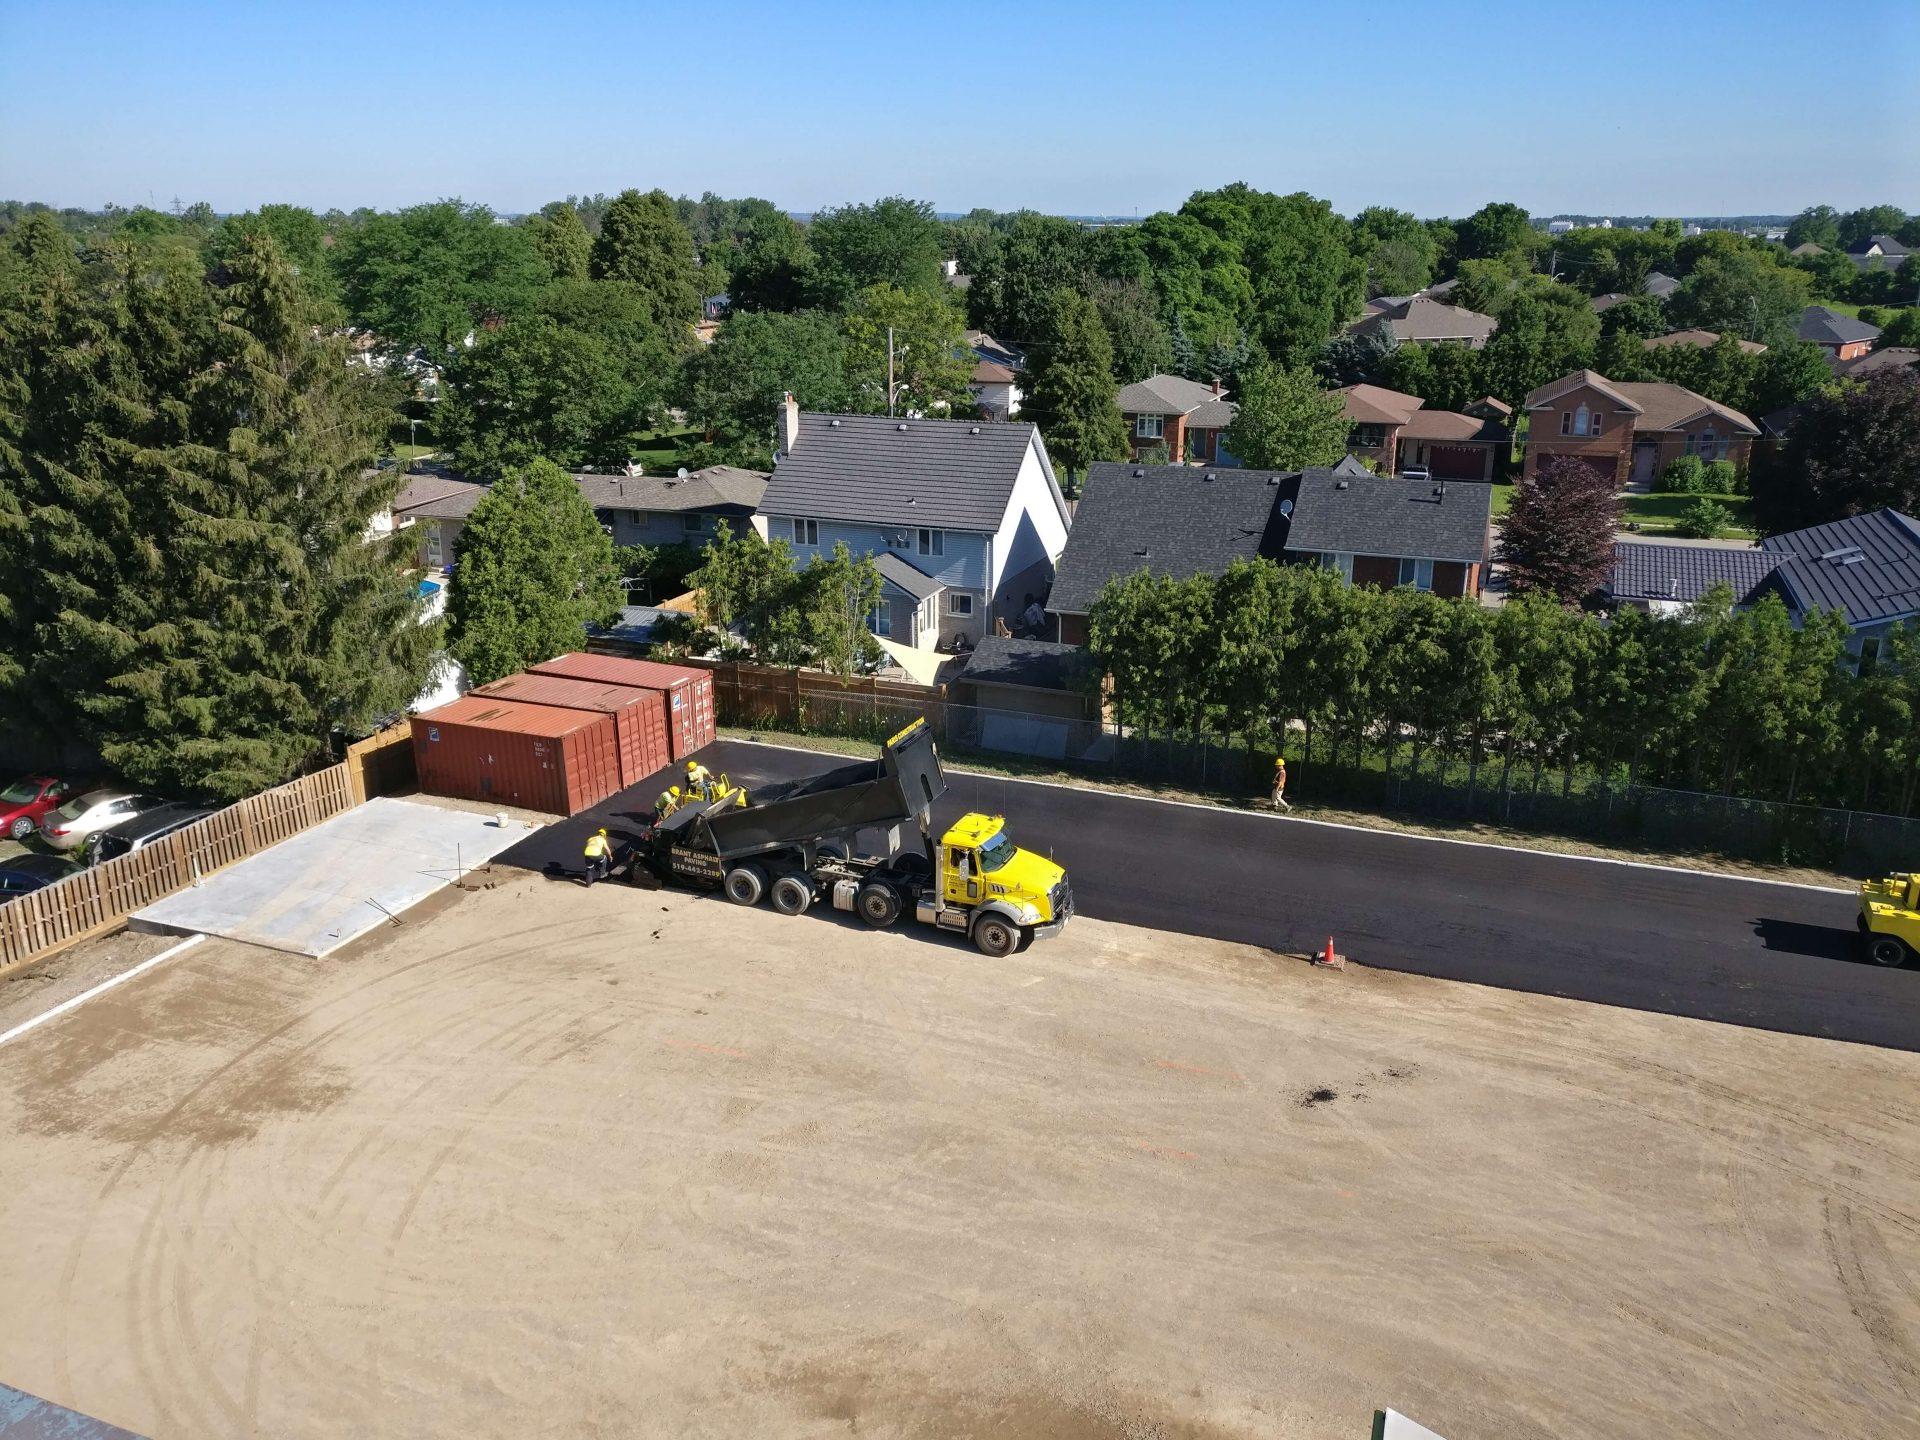 bare gravel parking lot with partial asphalt